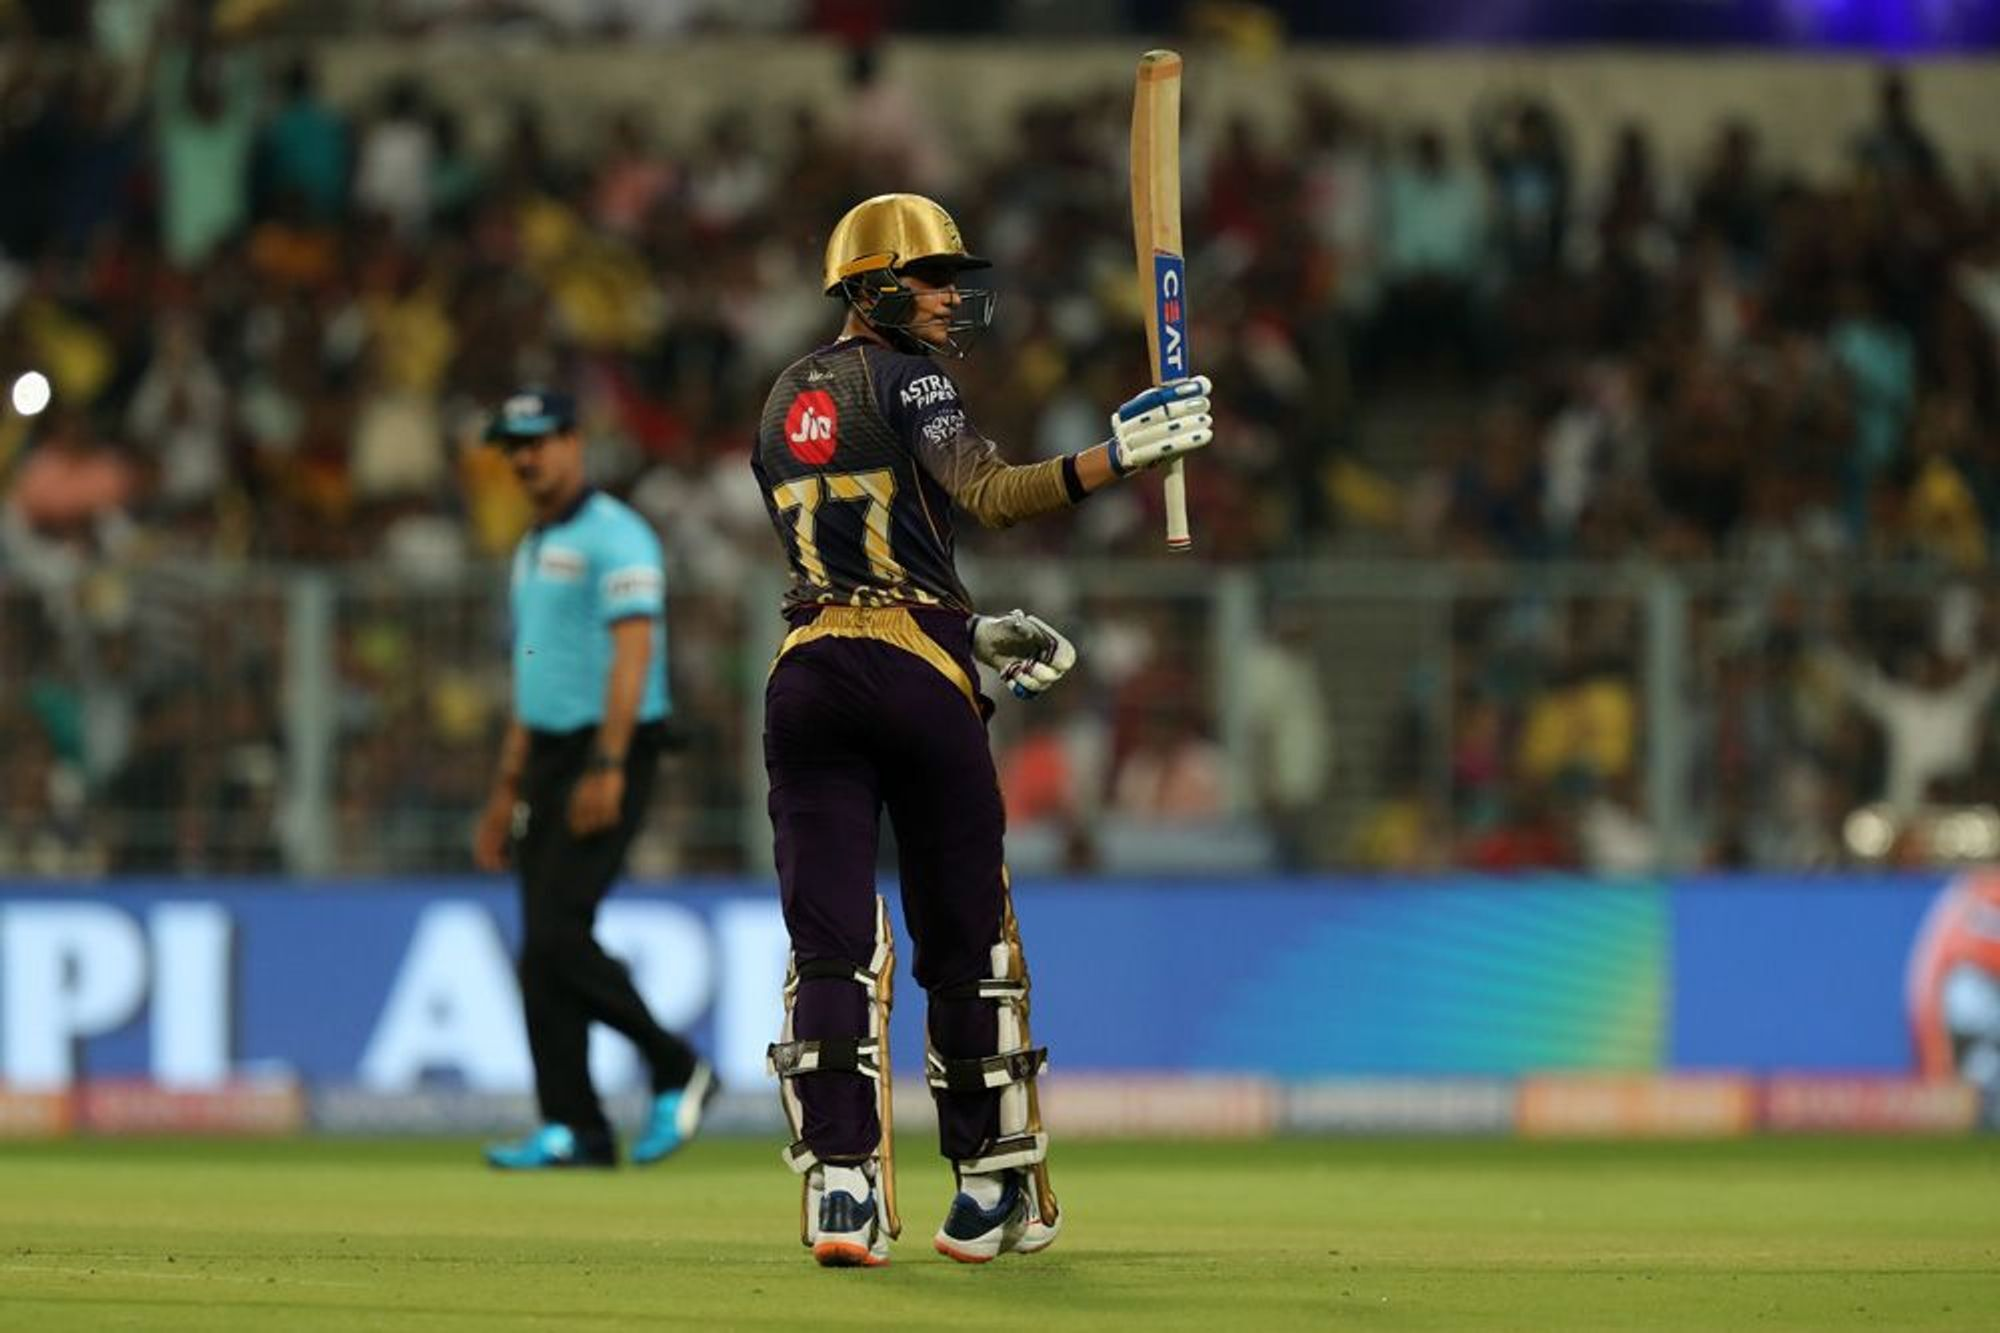 दिनेश कार्तिक ने बताया, क्यों टीम शुभमन गिल से नंबर 7 पर करवाते हैं बल्लेबाजी 20